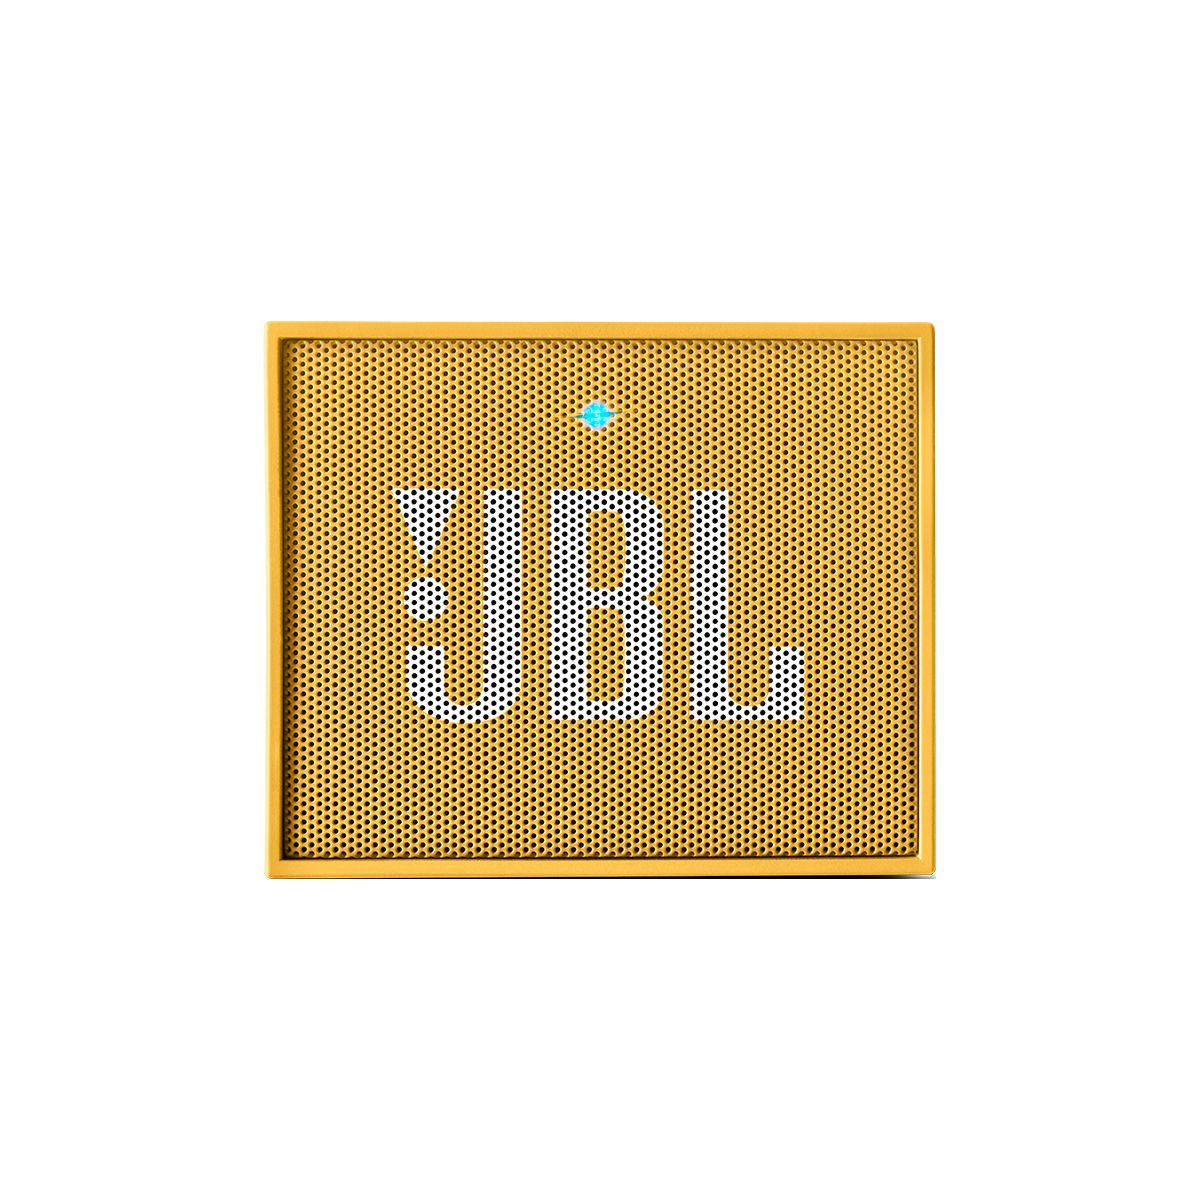 Enceinte nomade jbl go jaune - livraison offerte : code livdom (photo)